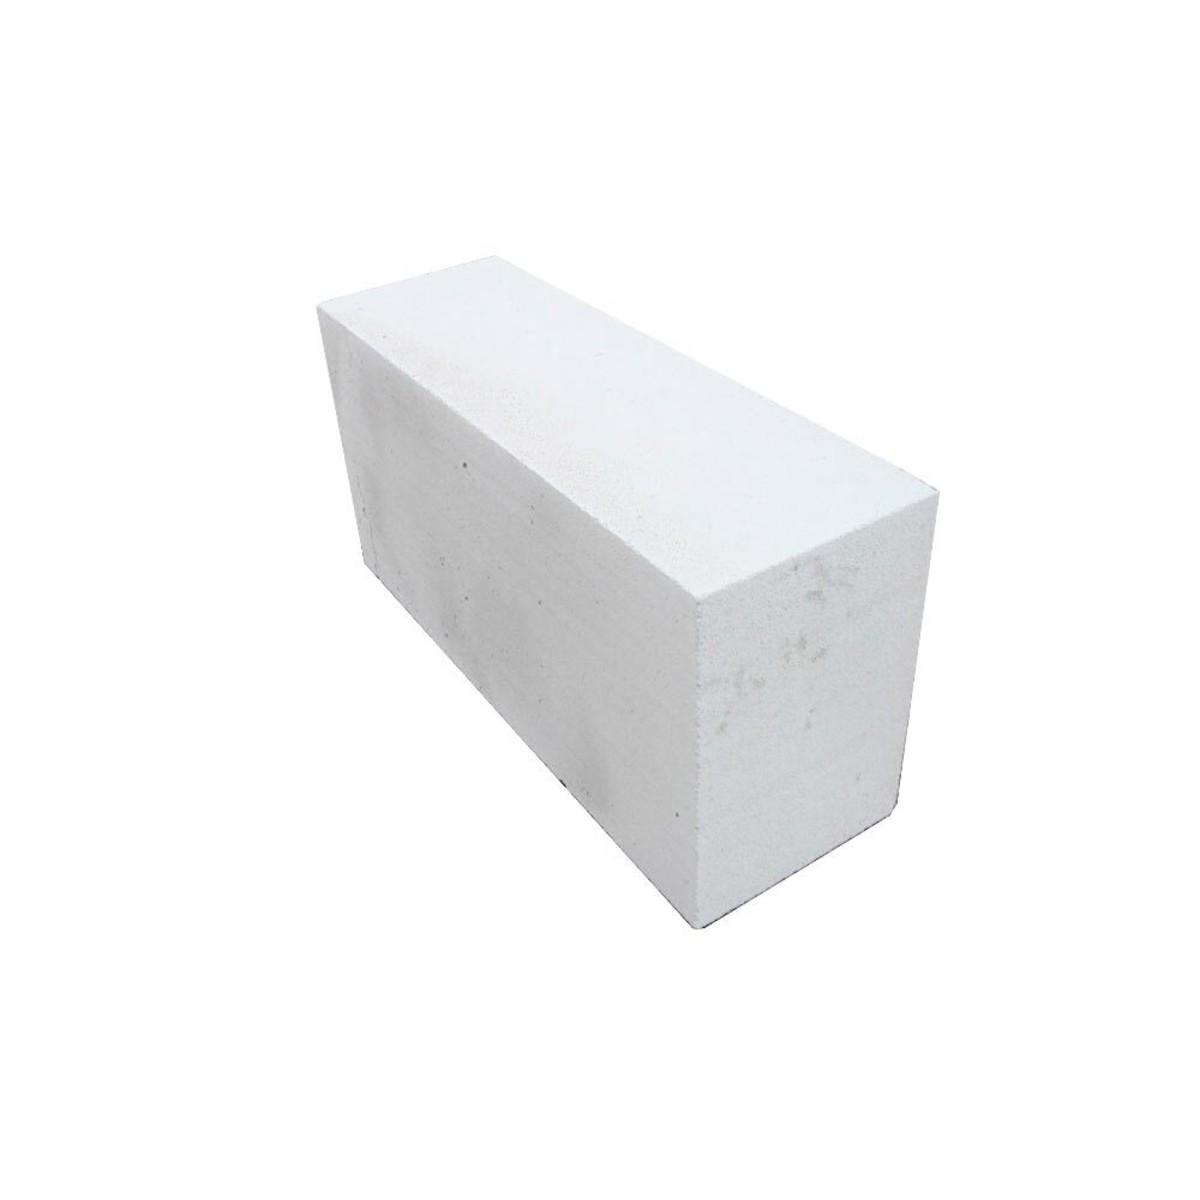 Блок газобетон D500 625х250х300 мм Новоблок